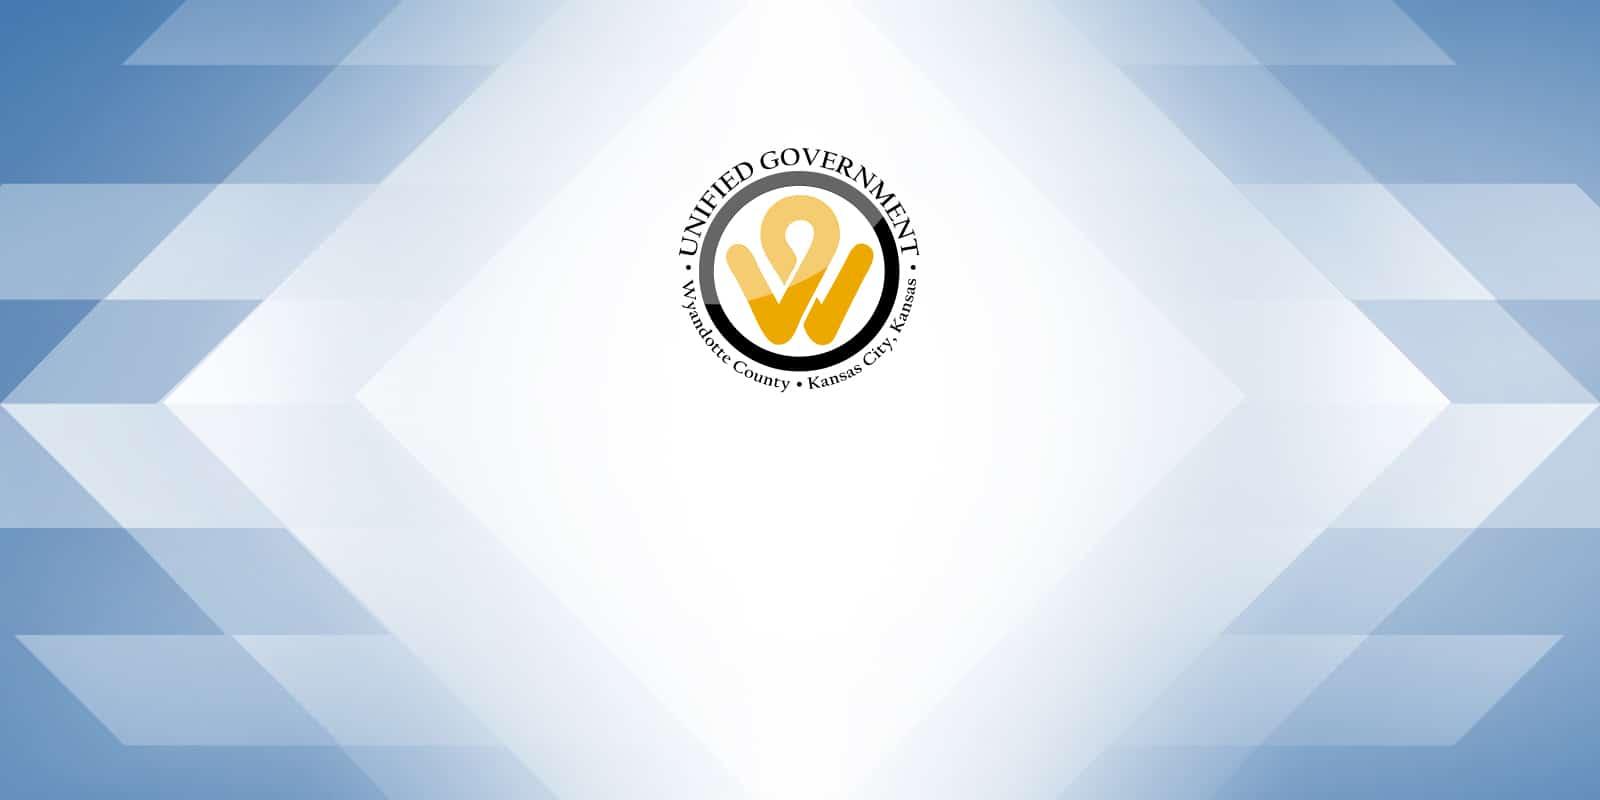 Wyandotte County logo